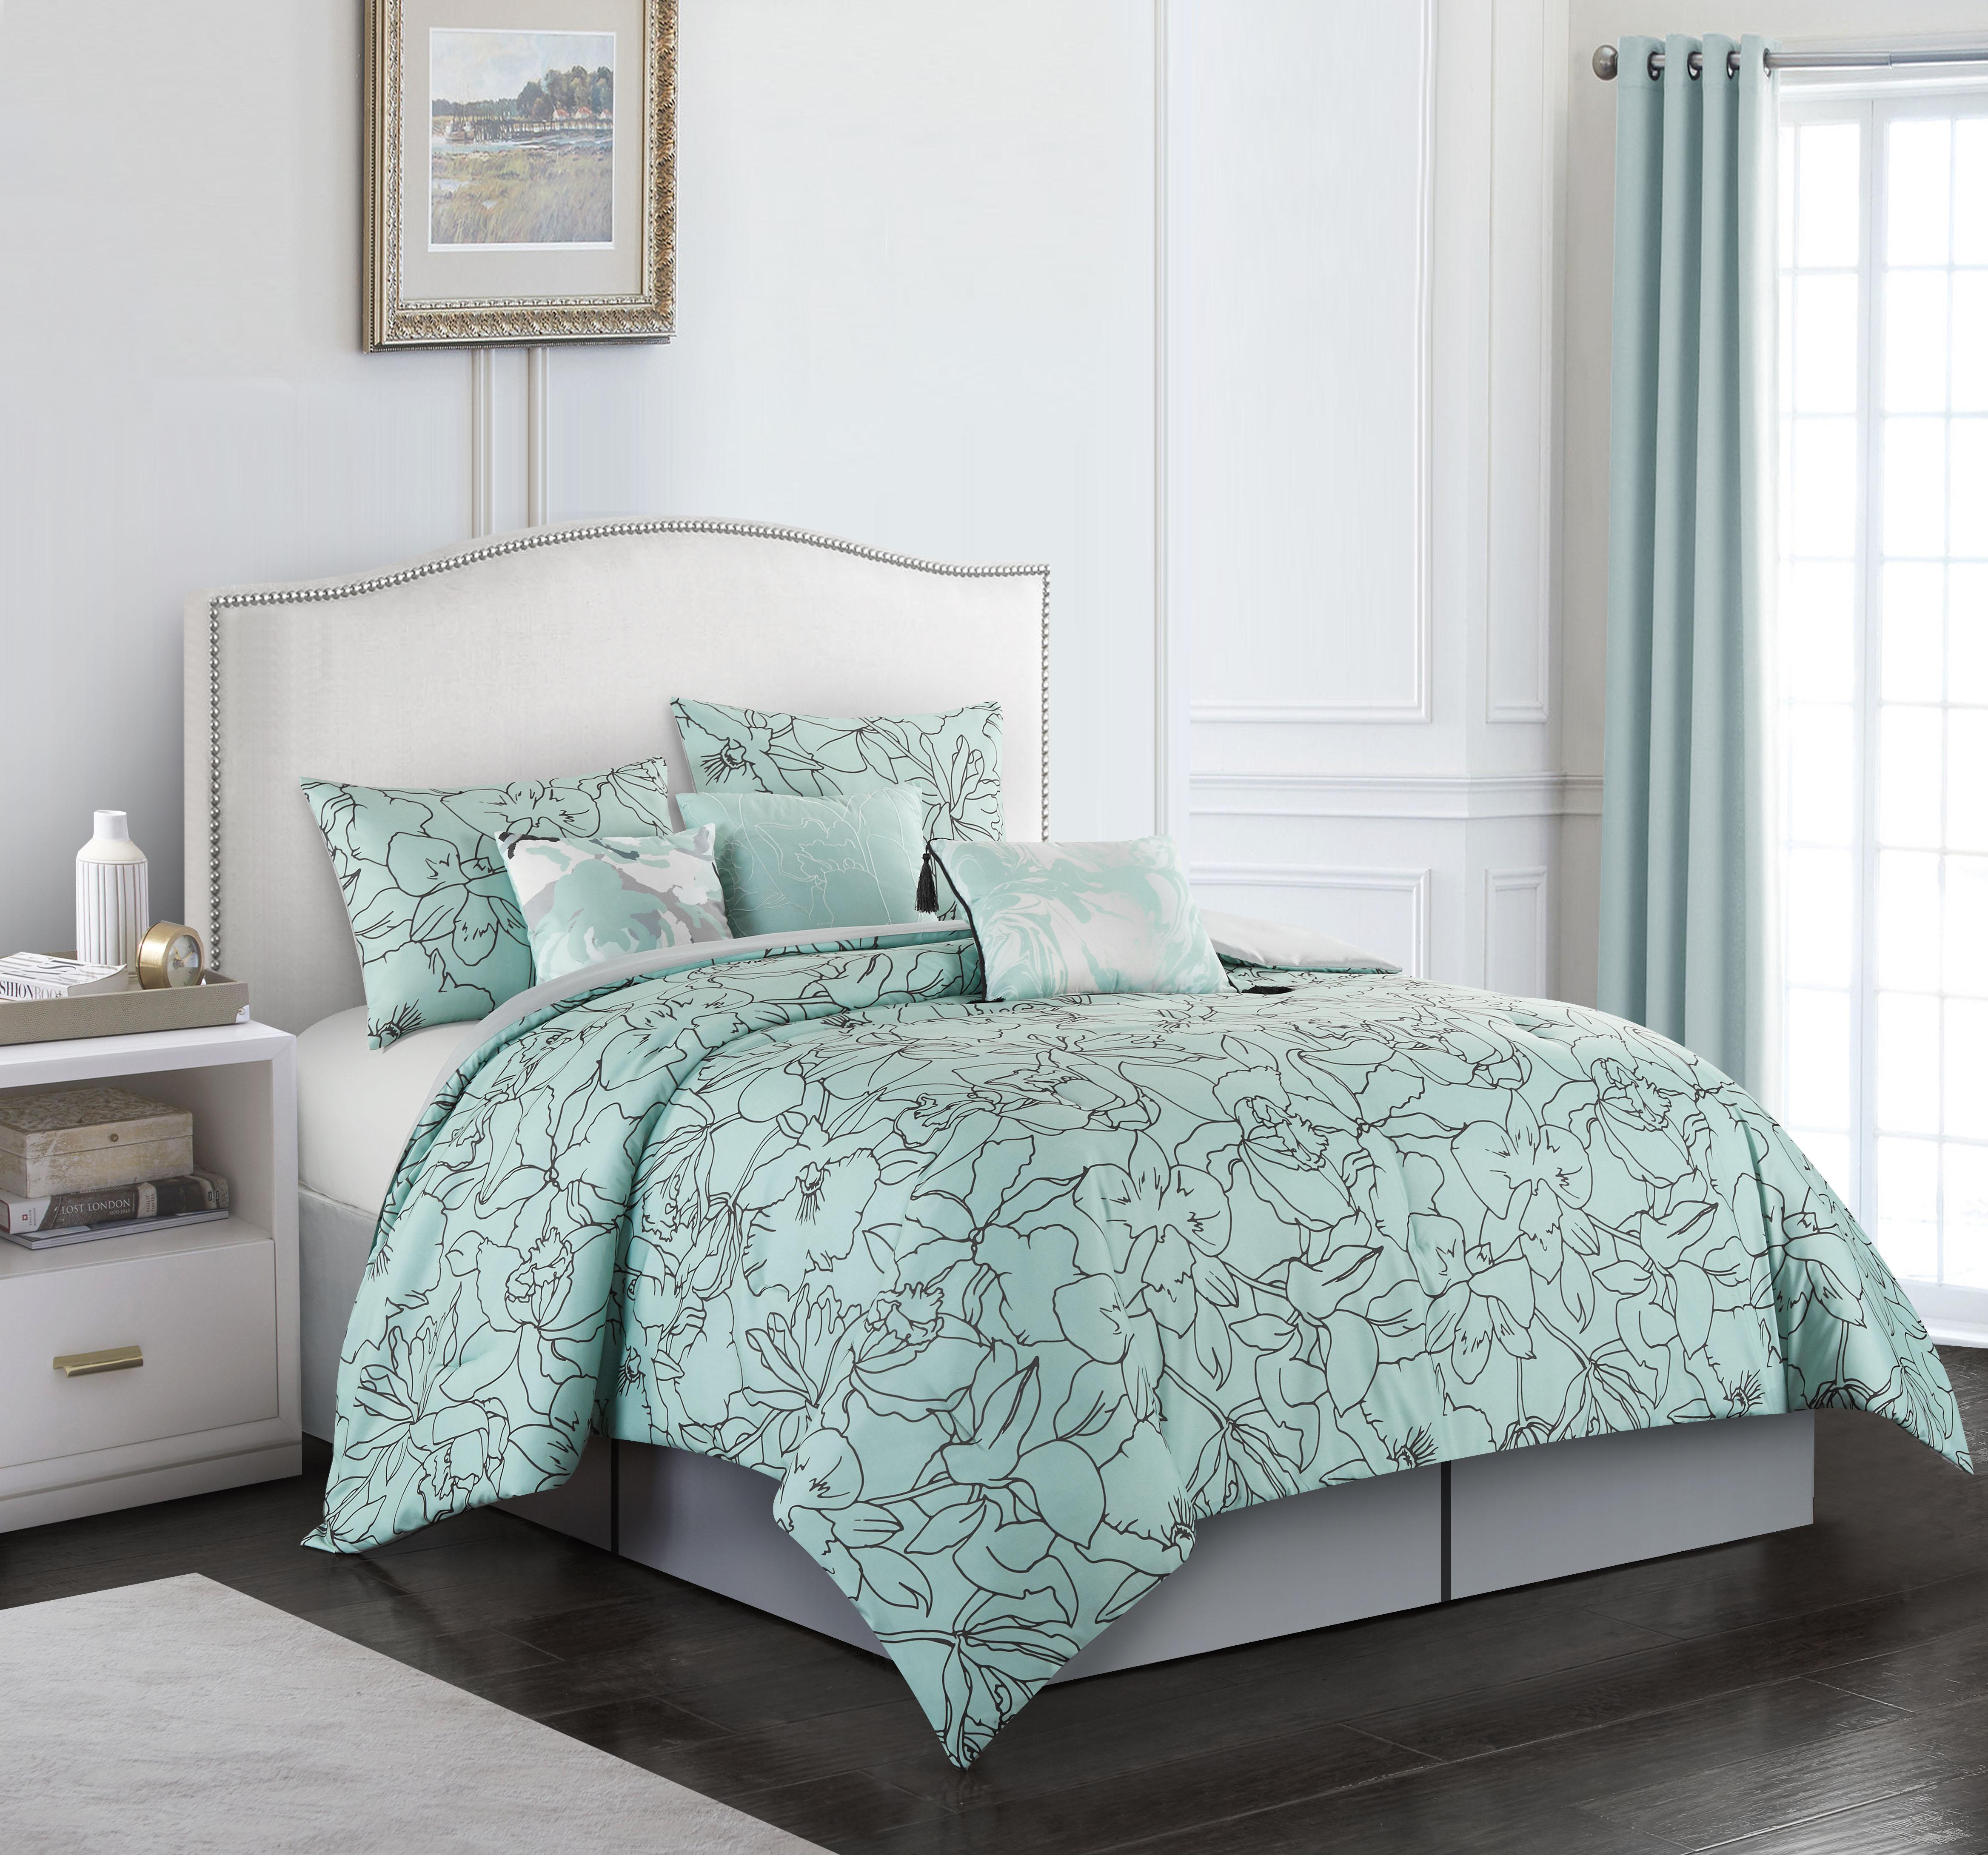 Nanshing Cattleya 7-Piece Comforter Set